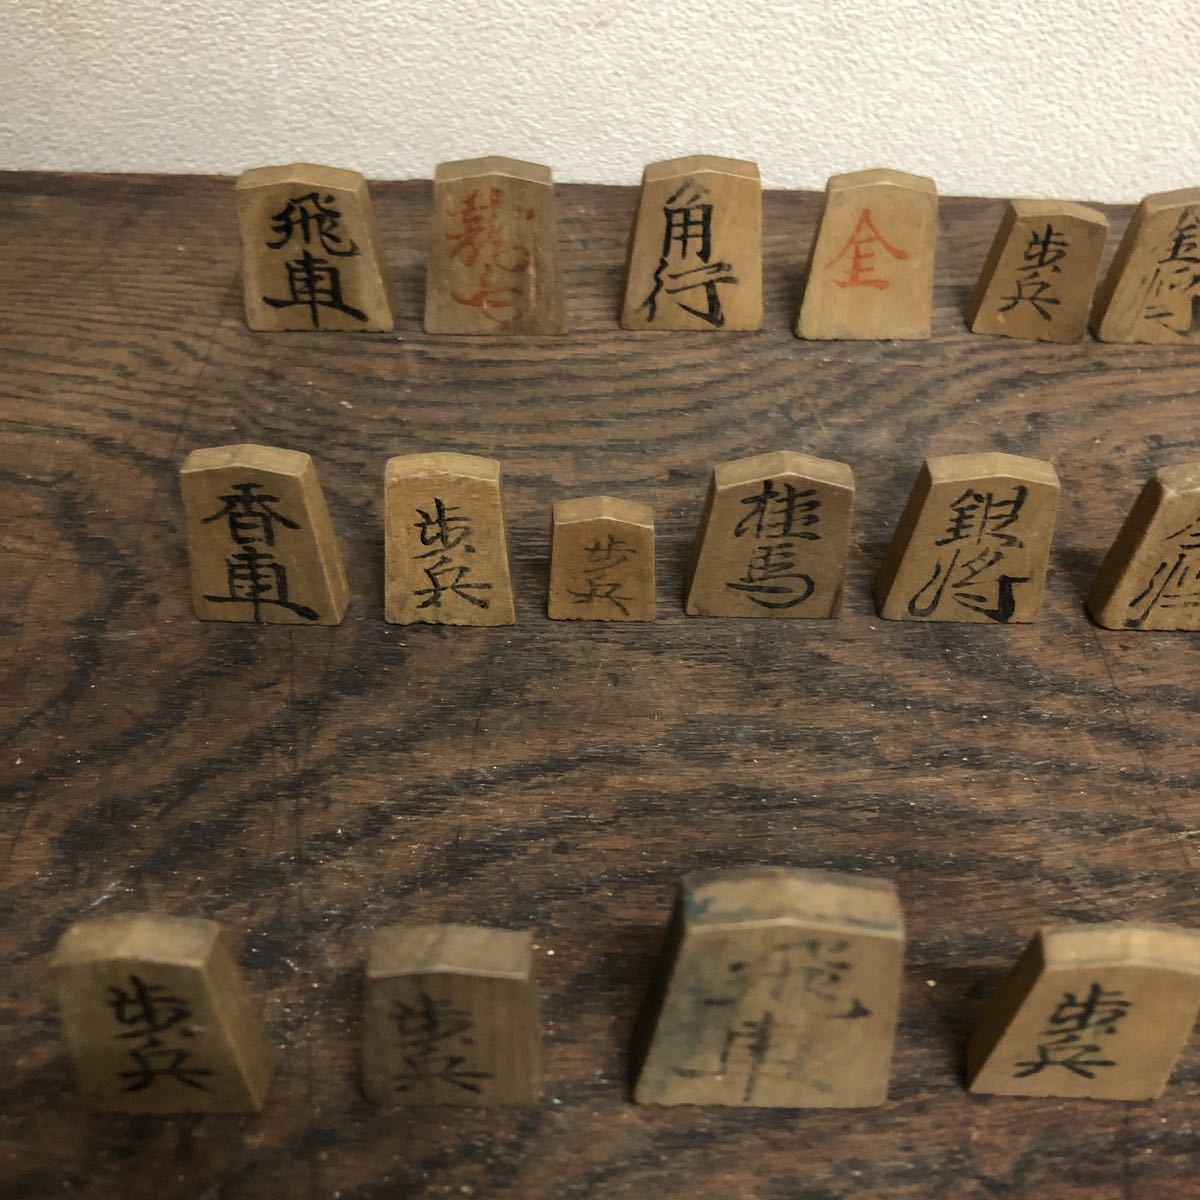 将棋 将棋駒 駒 昭和レトロ レトロ感たっぷり 当時の品 木製 木 42個 昔ながらの将棋駒 古雑貨_画像3